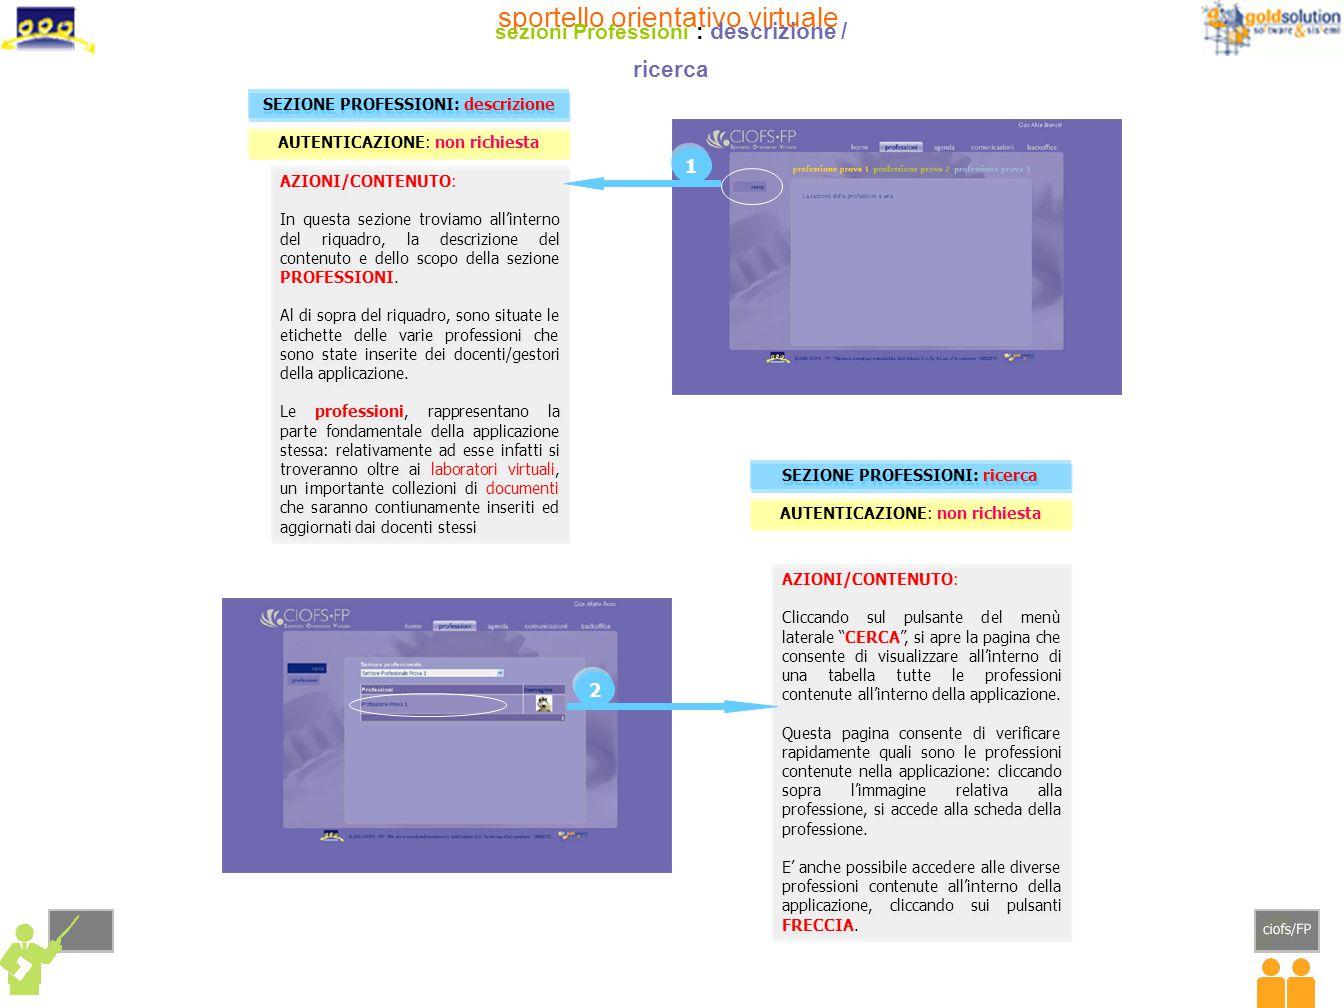 sportello orientativo virtuale sezioni Professioni : descrizione / ricerca AZIONI/CONTENUTO: In questa sezione troviamo all'interno del riquadro, la d